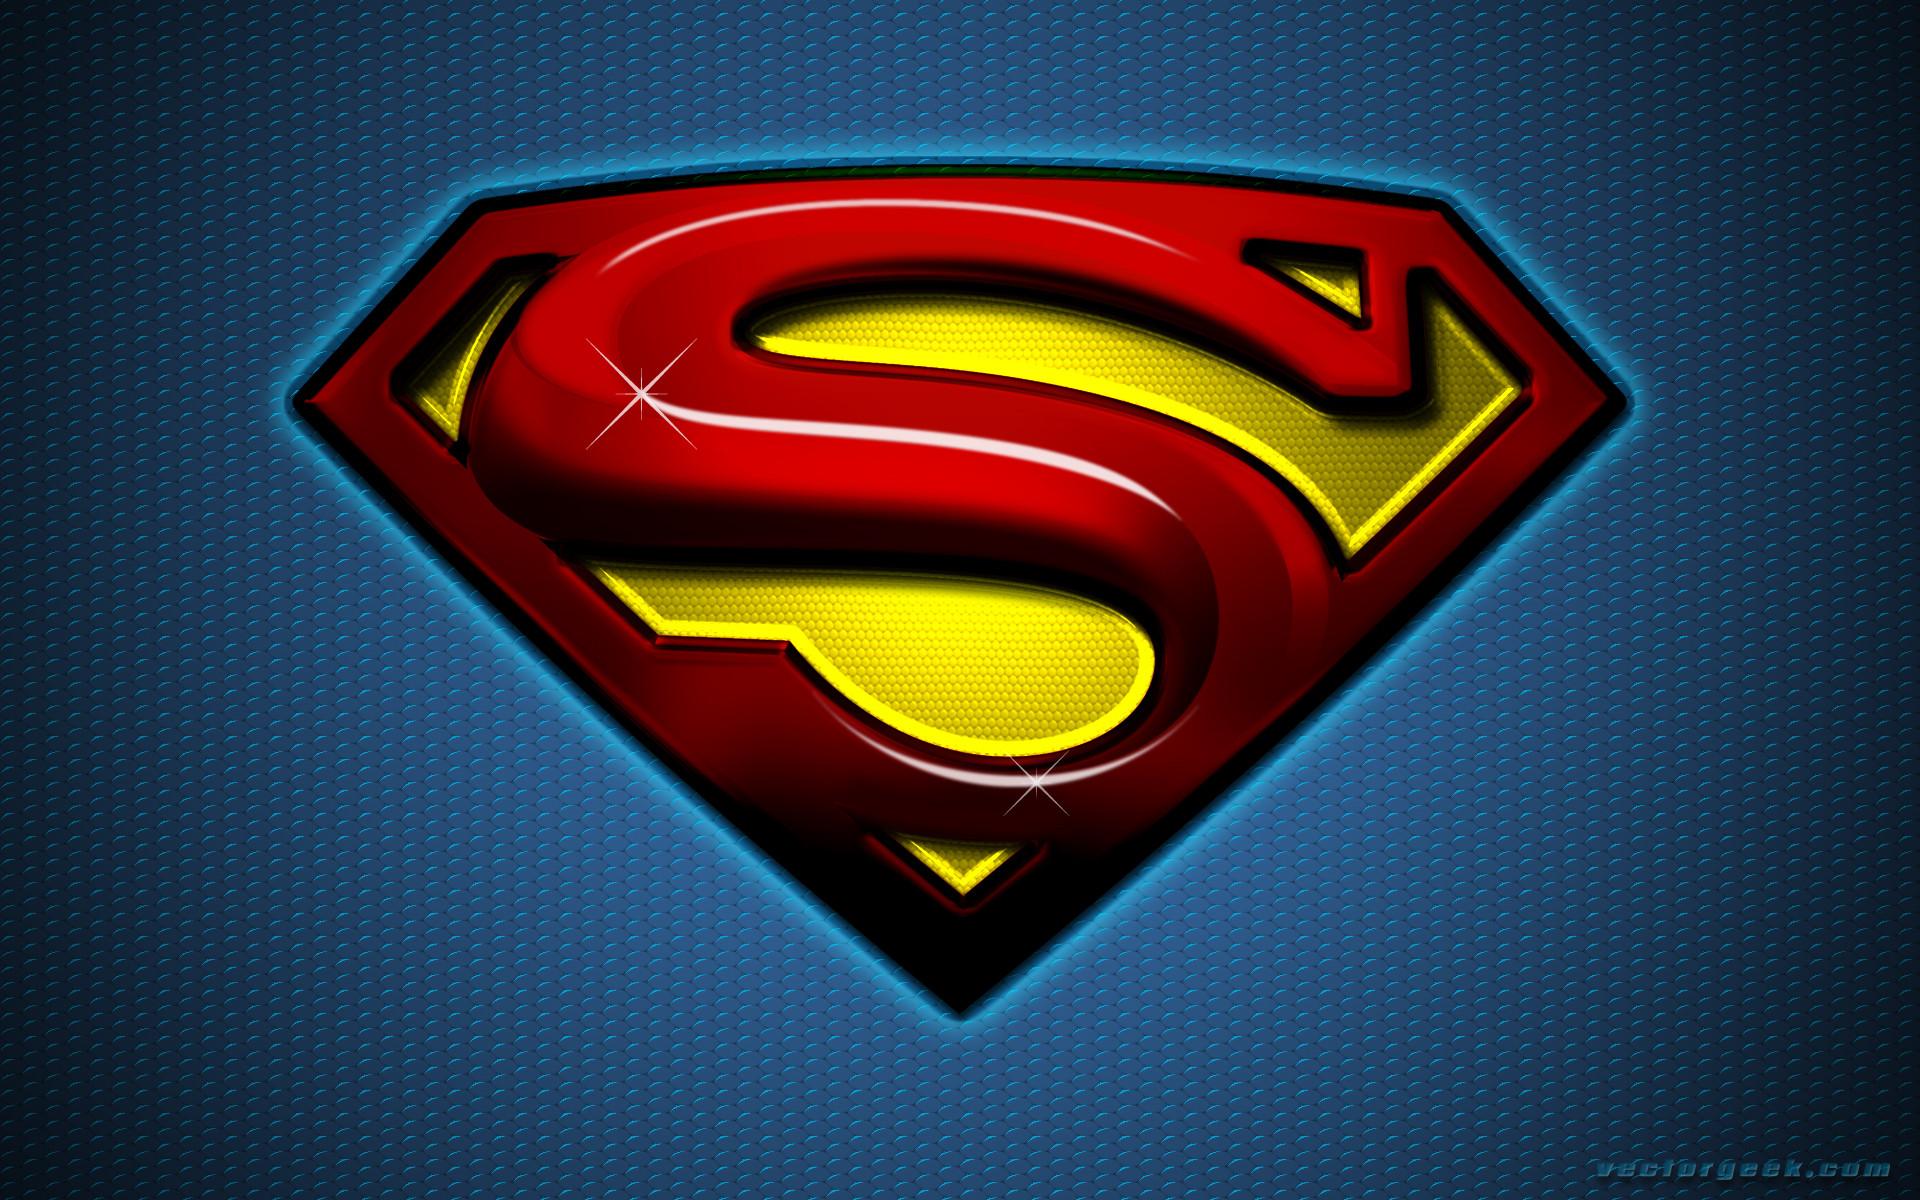 Superman Emblem Wallpaper ·â' WallpaperTag